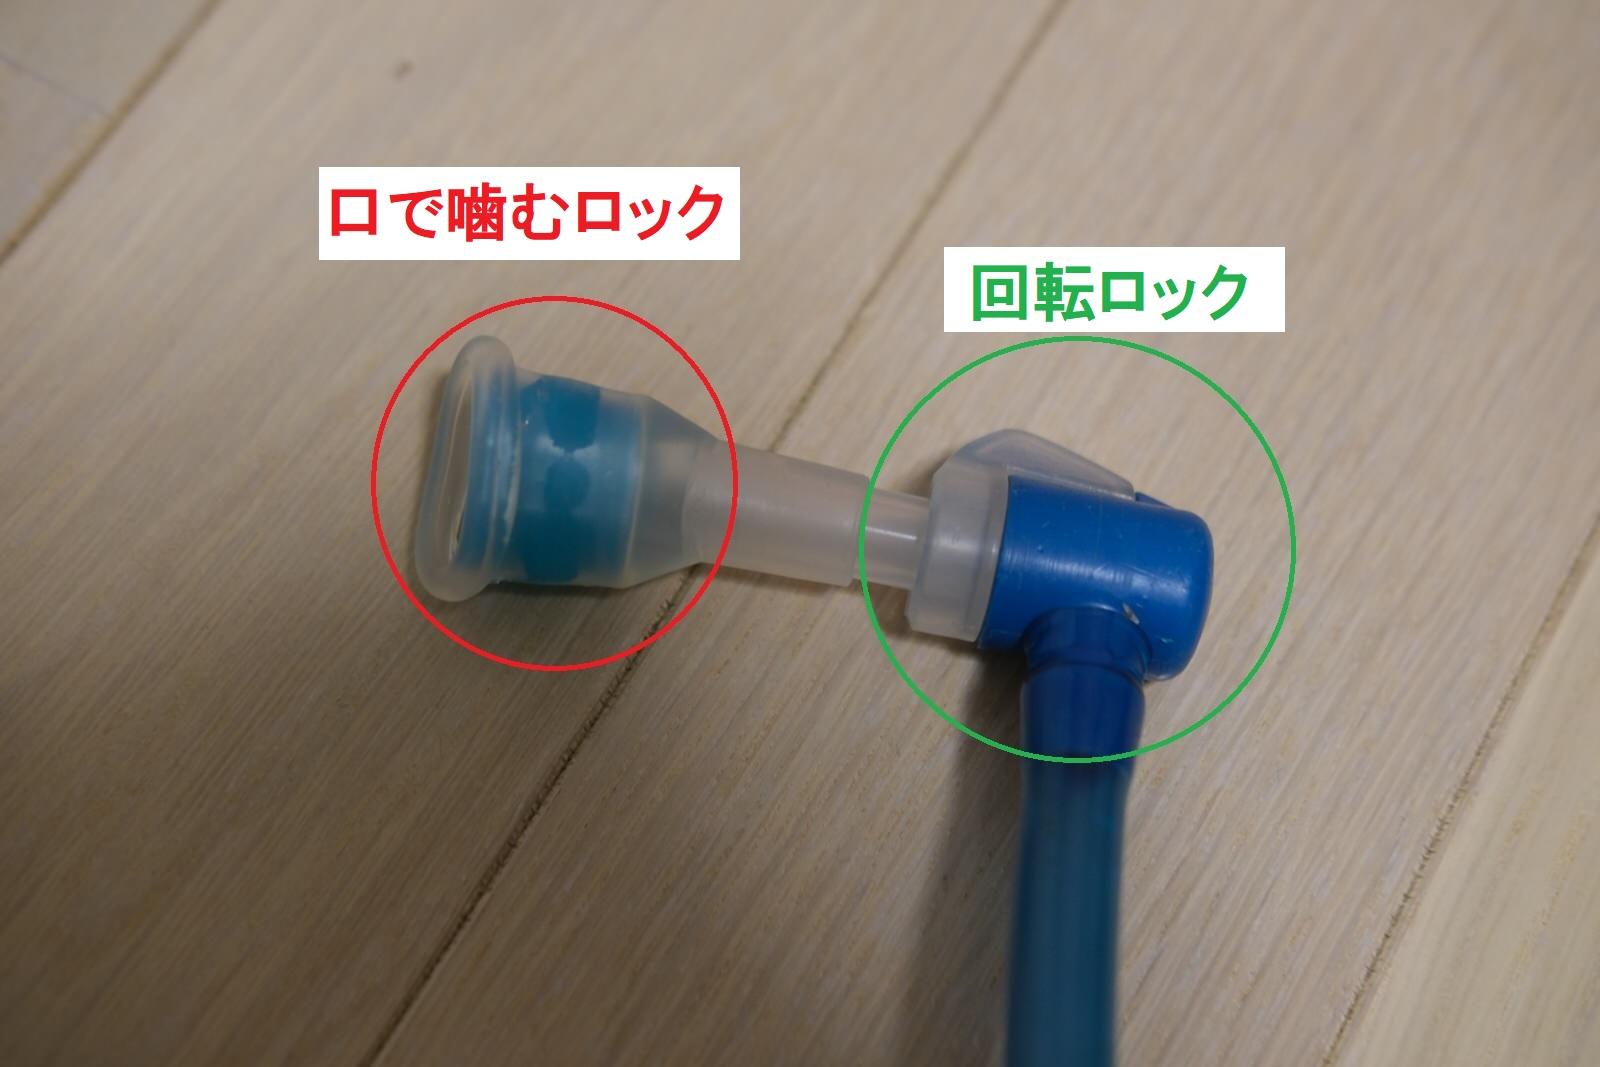 【ハイドレーション】プラティパス・ビッグジップEVOをオススメする5つの理由